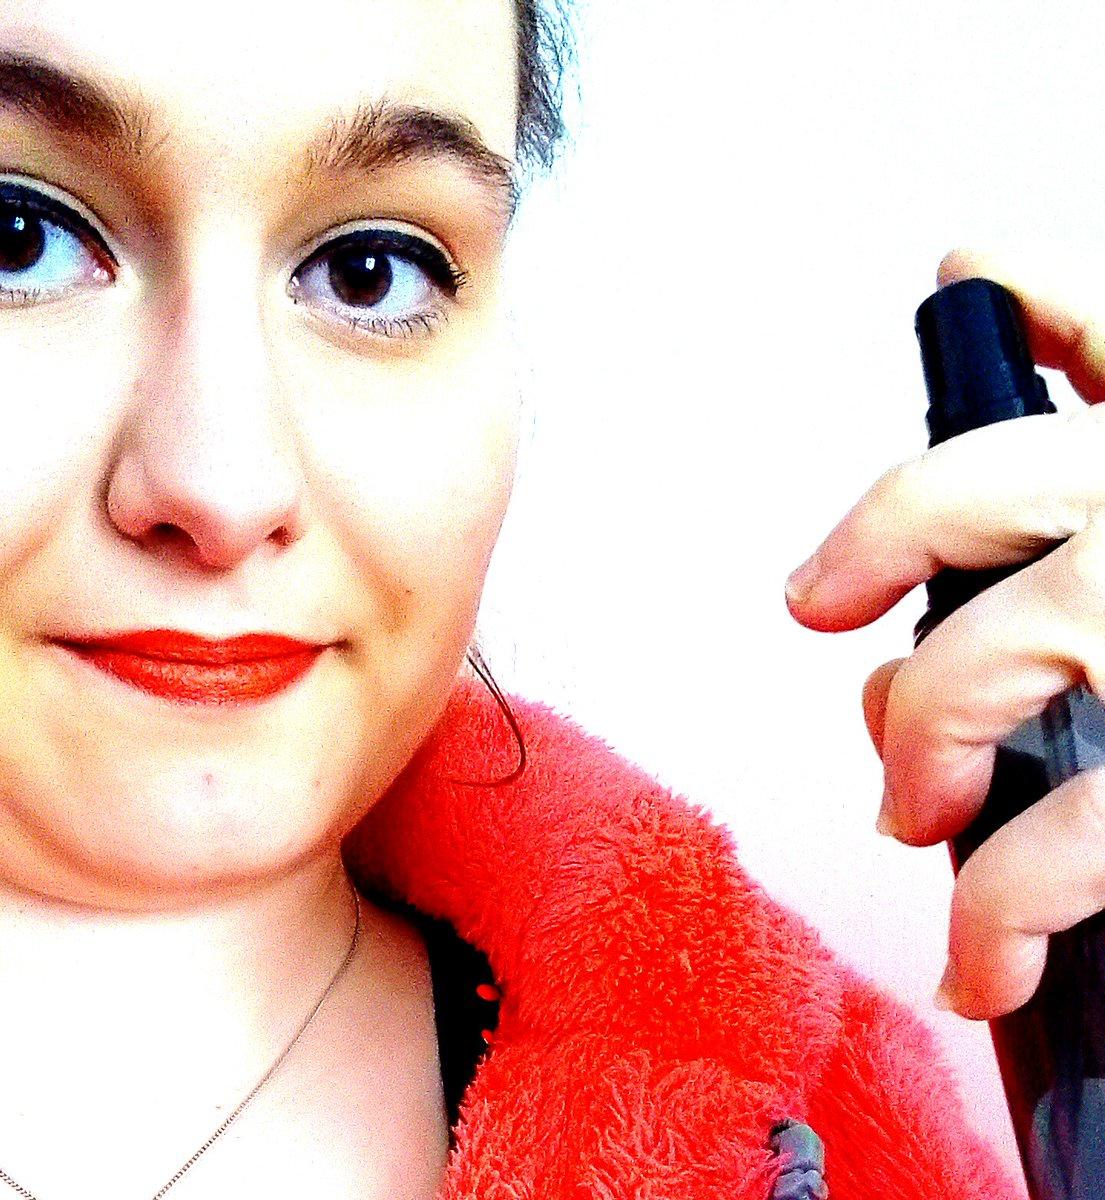 J&#39;ai testé le fixateur de maquillage chez Nocibé.  http:// wp.me/p7tvmX-6y  &nbsp;   #nocibe #beautyaddict #makeupaddict #makeupblogger #makeupartist<br>http://pic.twitter.com/bOwdT6aeJh